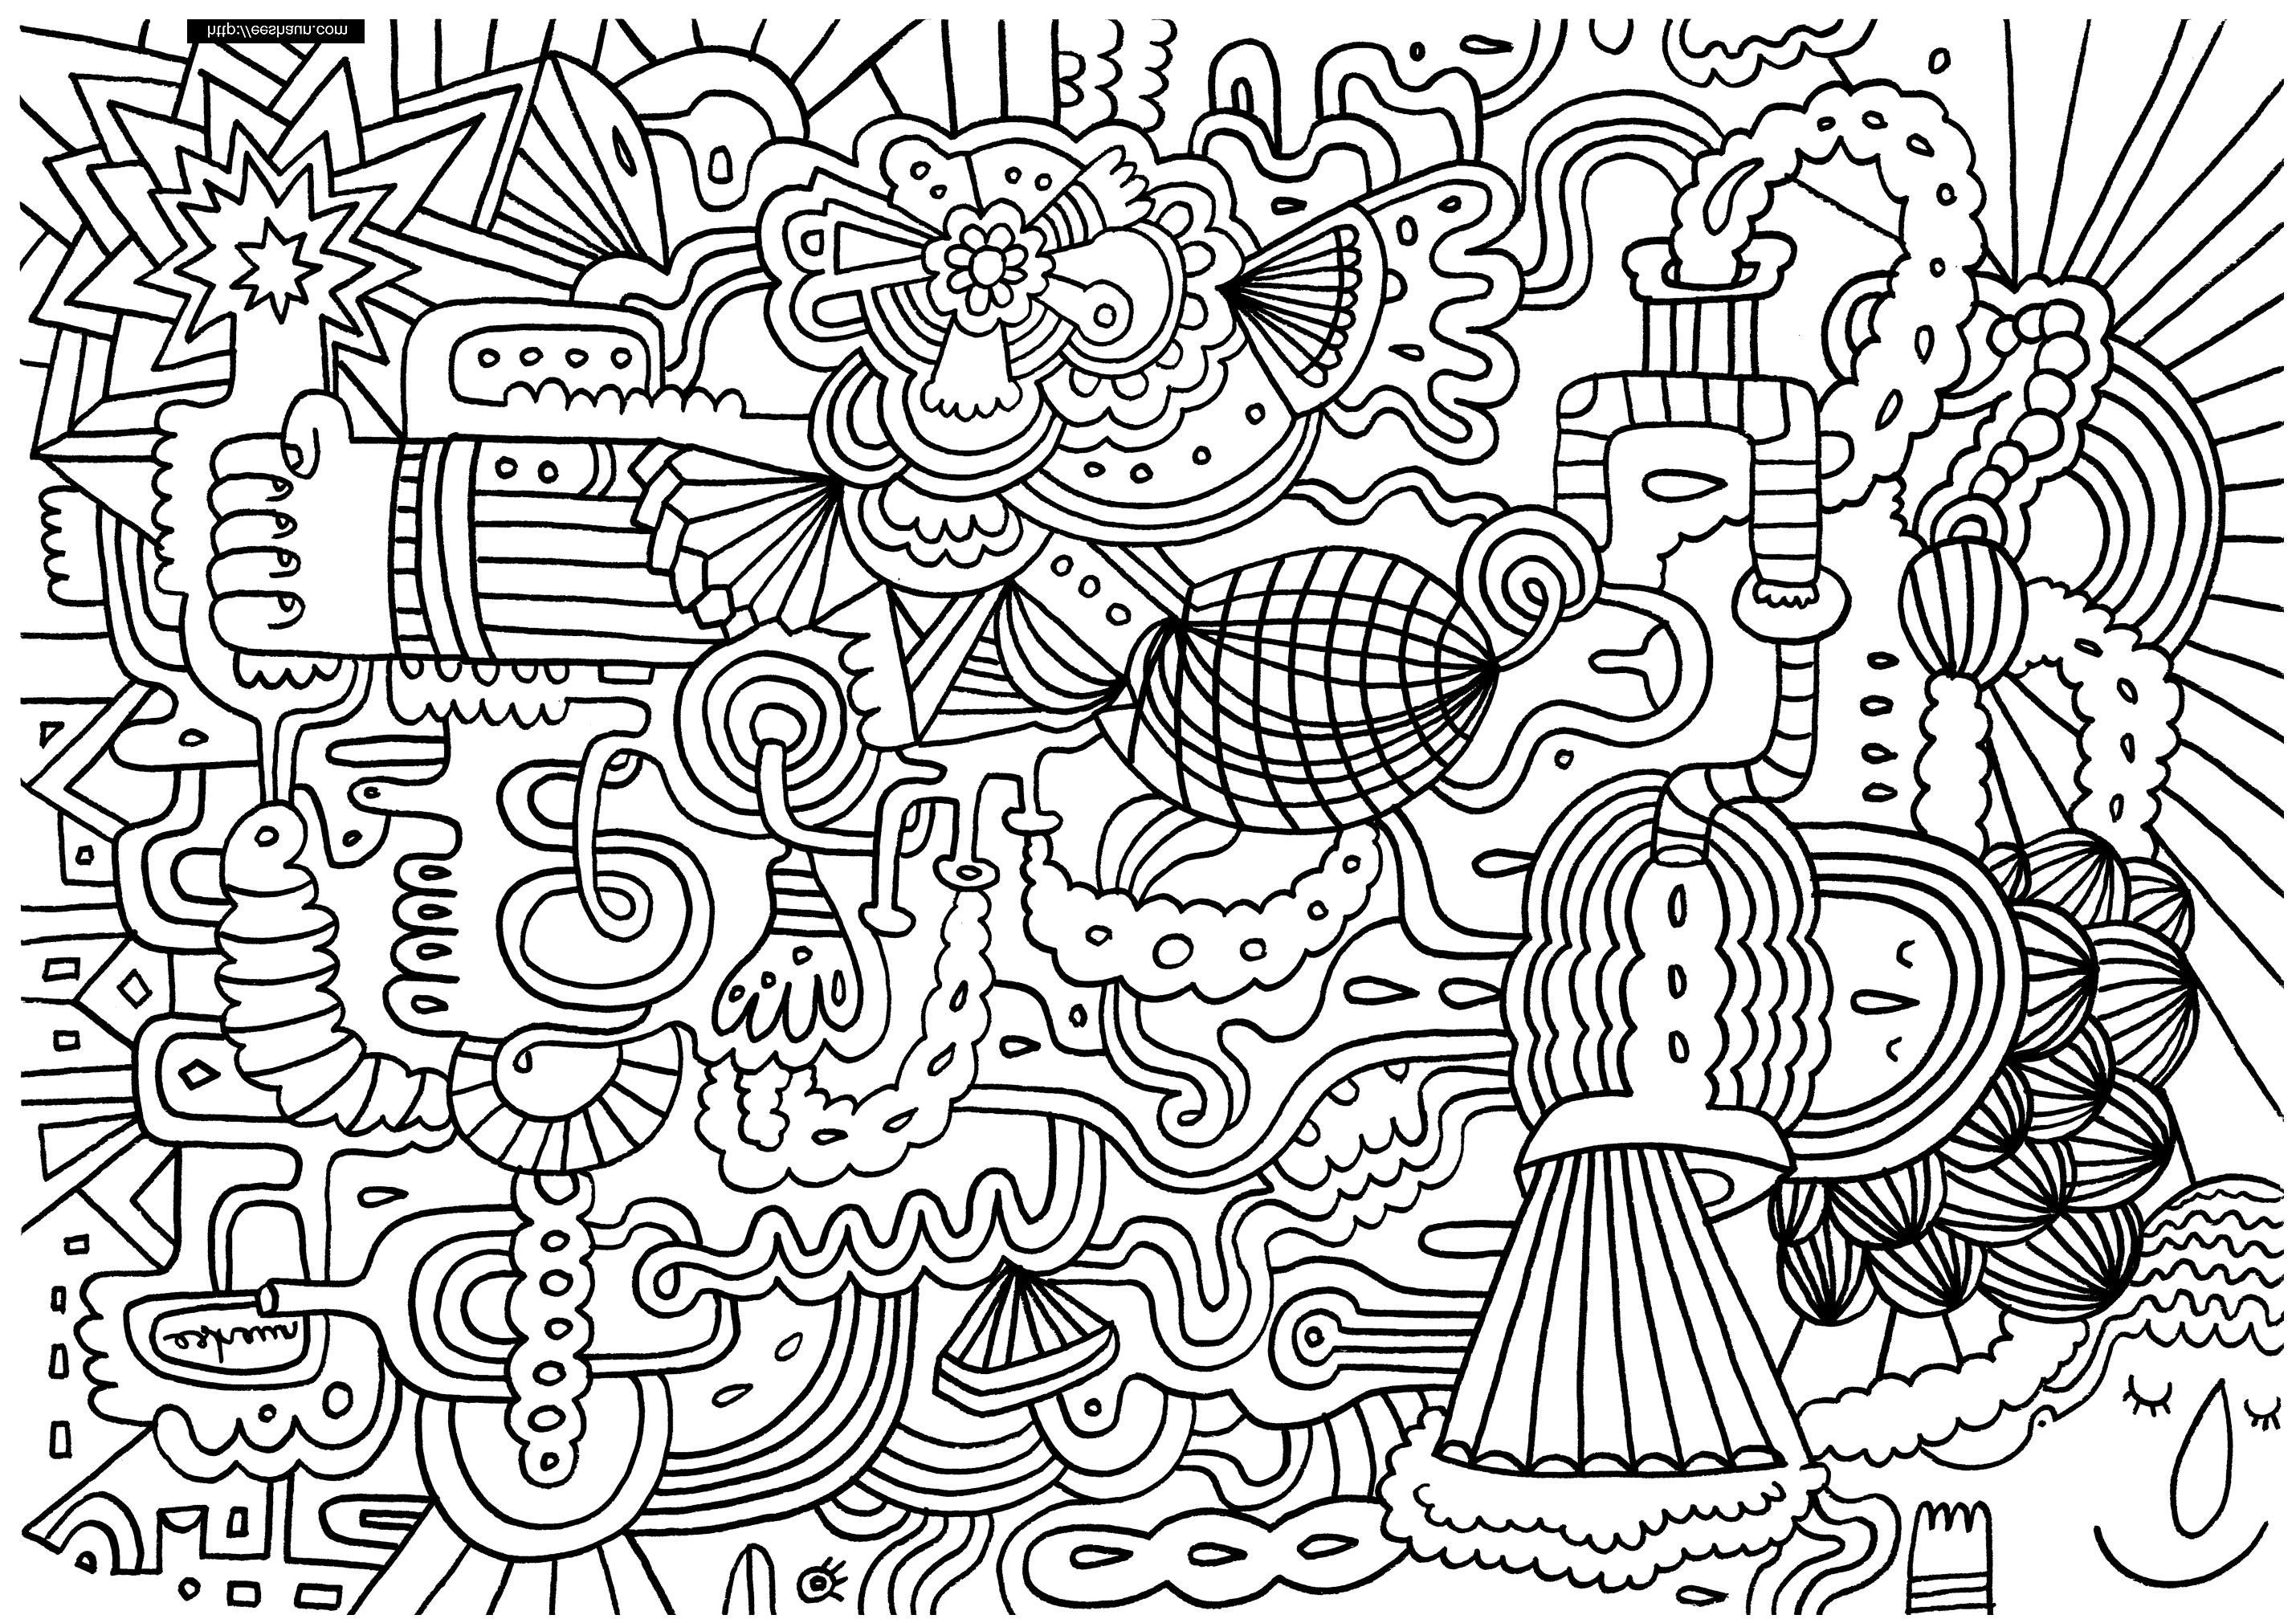 Gribouillage doodle art 1 coloriage doodle art - Coloriage art ...